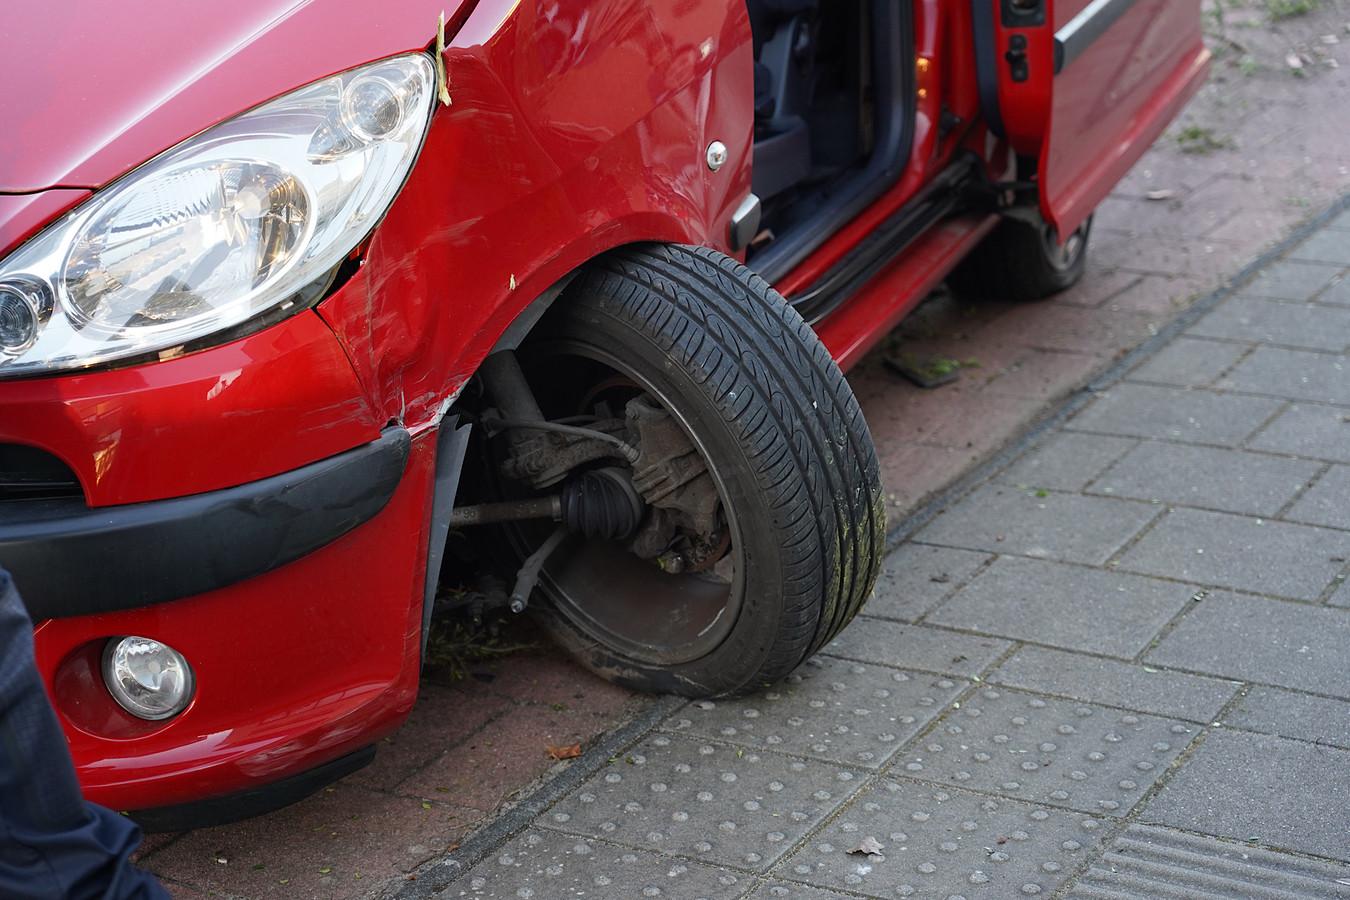 De auto raakte de boom met een harde klap